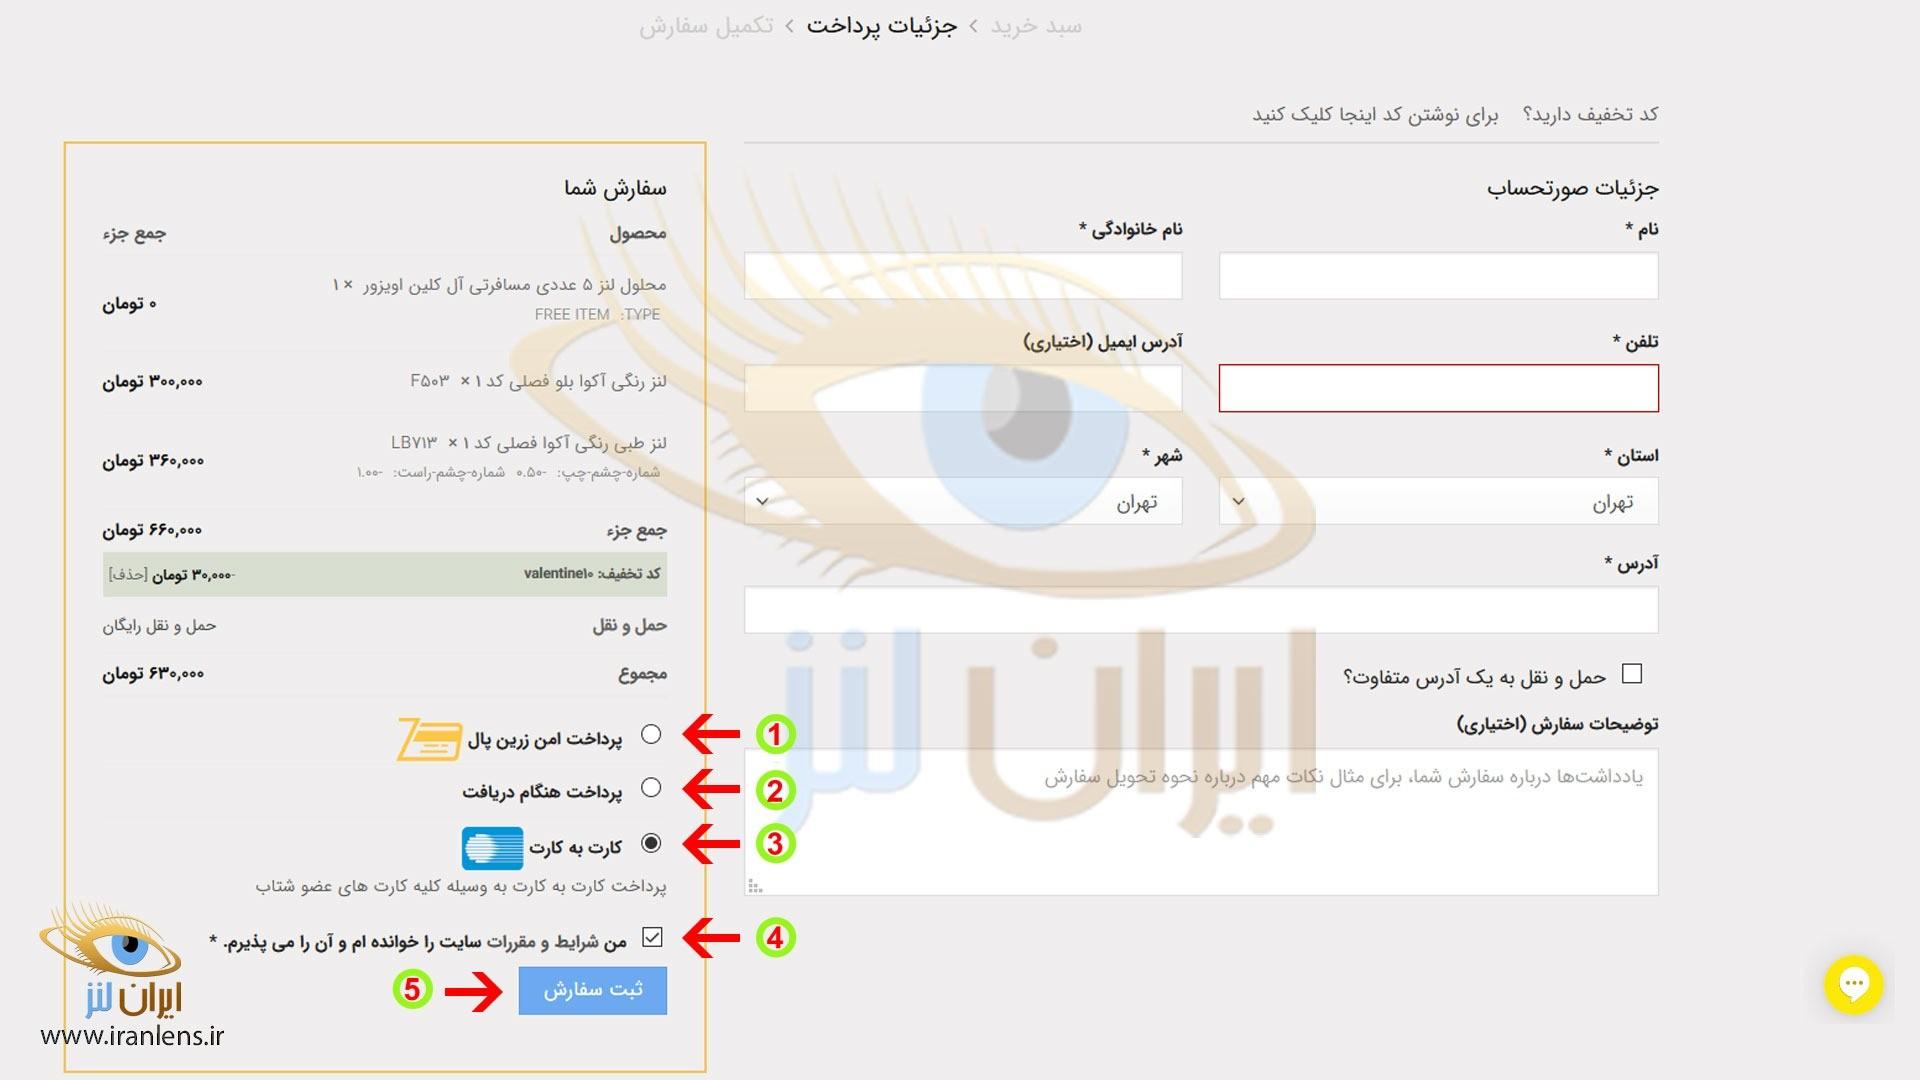 آموزش پرداخت خرید از سایت ایران لنز با دسکتاپ